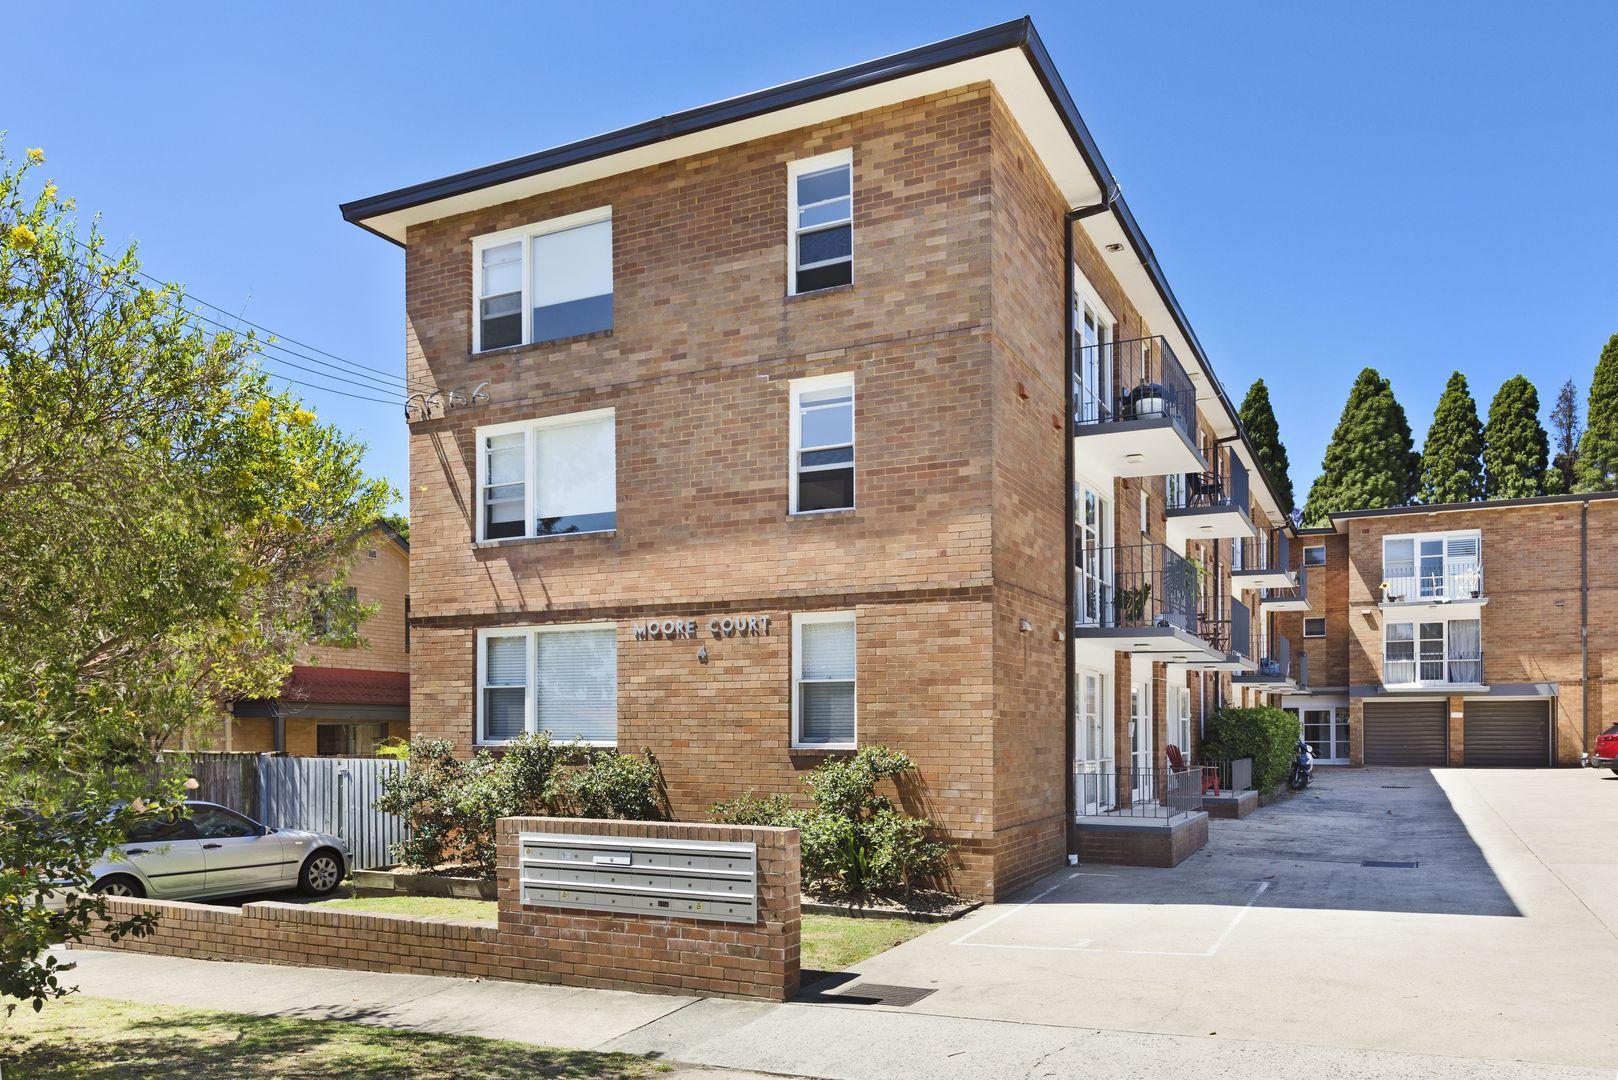 12/4 Moore Street, Drummoyne NSW 2047, Image 0